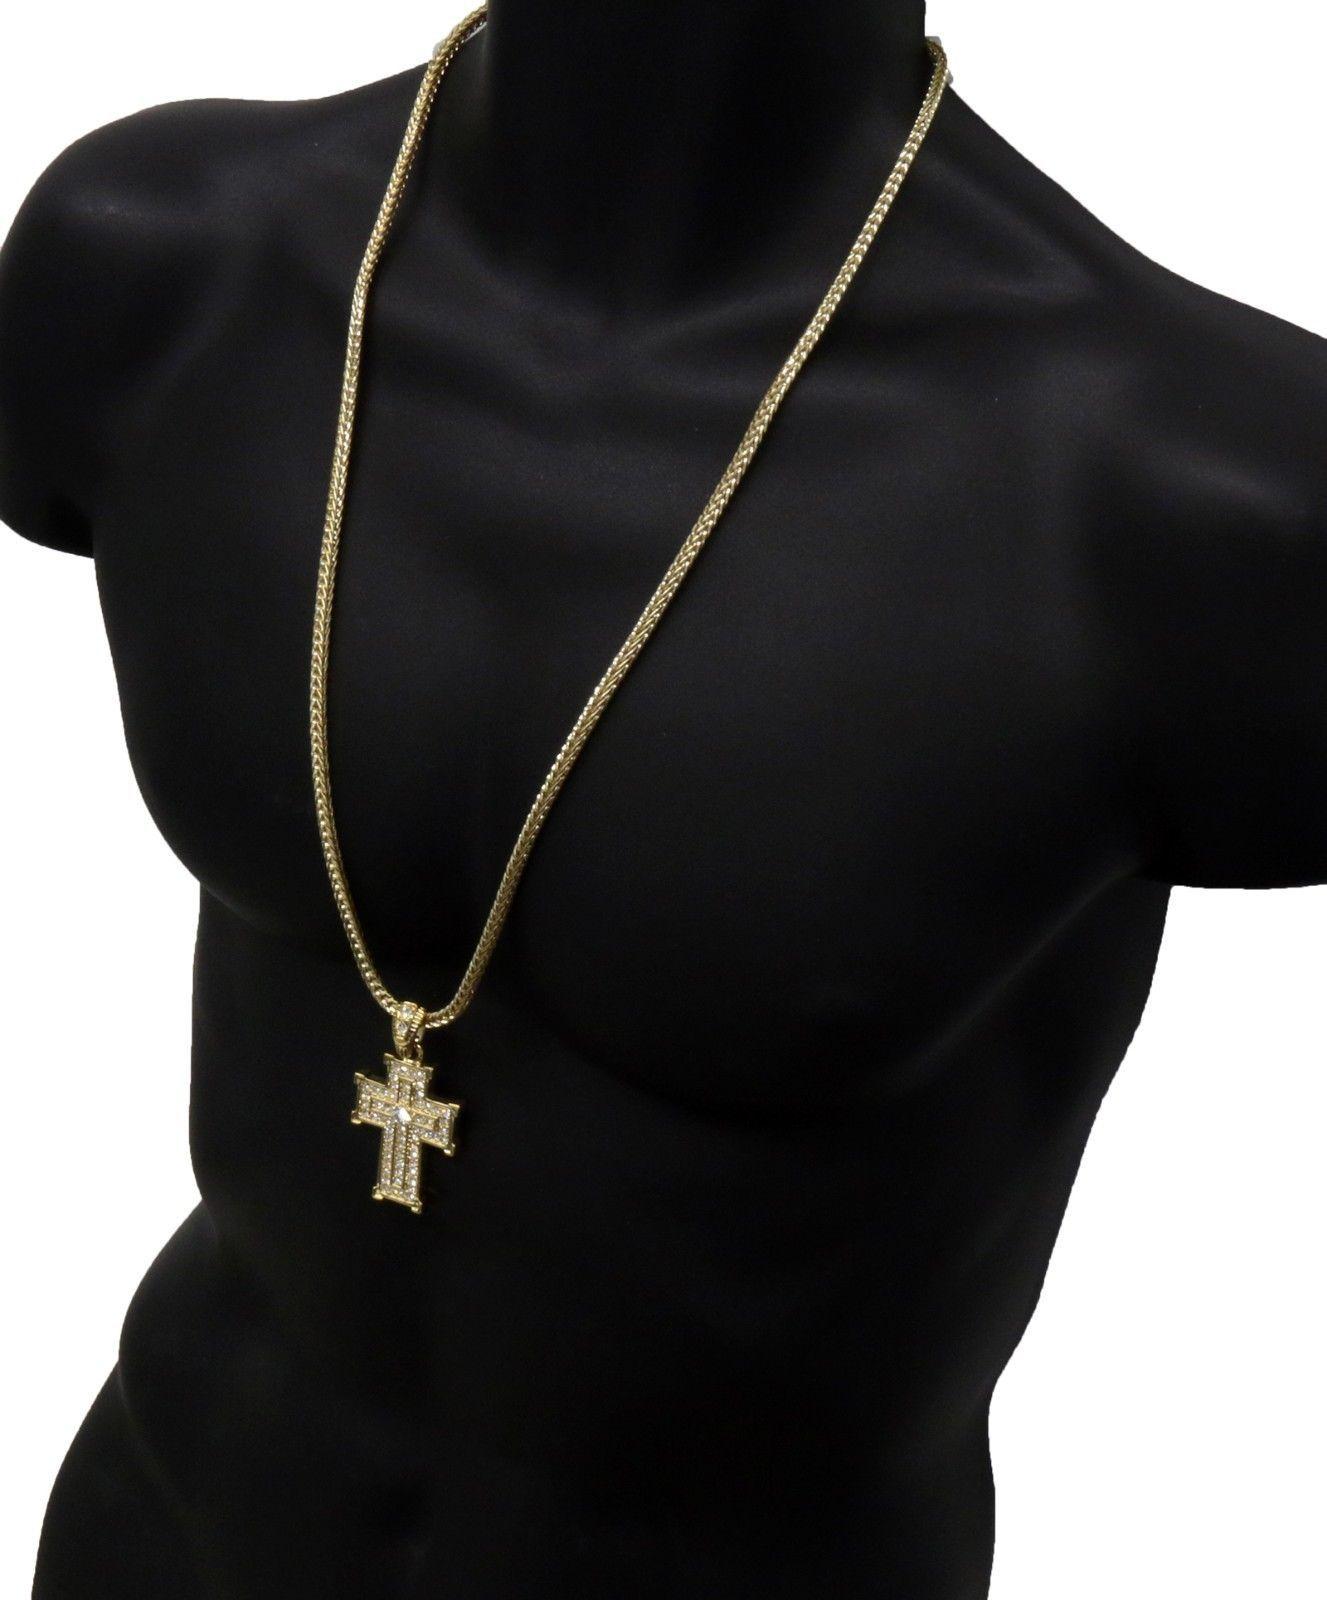 Mens 14k Gold Cz Square Cross Pendant Hip Hop 30 Inch Franco Necklace Chain